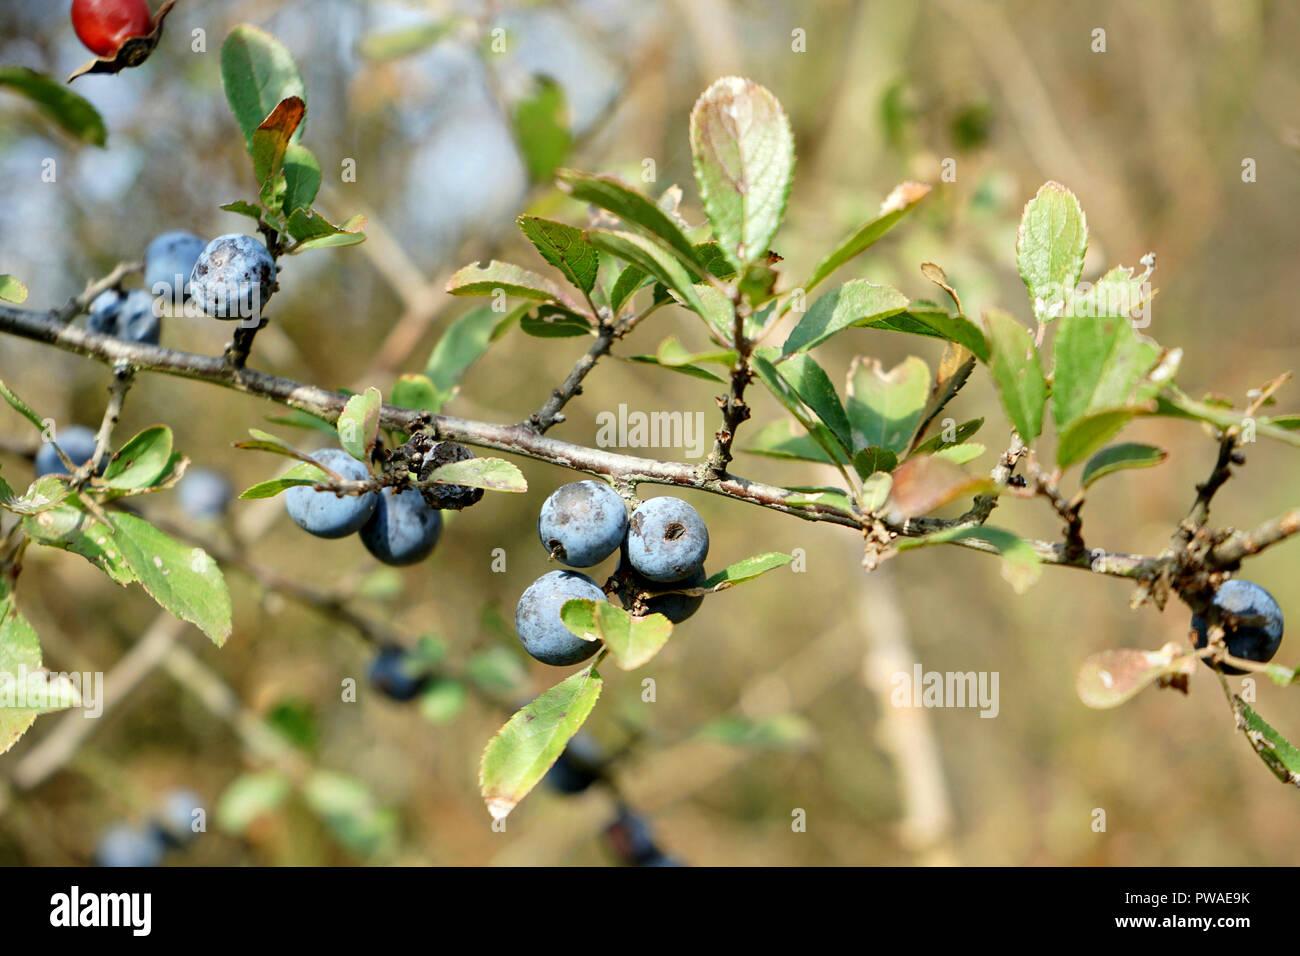 Früchte des Schlehdorn (Prunus spinosa), Schlehendorn, Schlehe, Heckendorn, Schwarzdorn, Deutsche Akazie Schwarzdorn, Schlehe,Deutschland, Europa - Stock Image